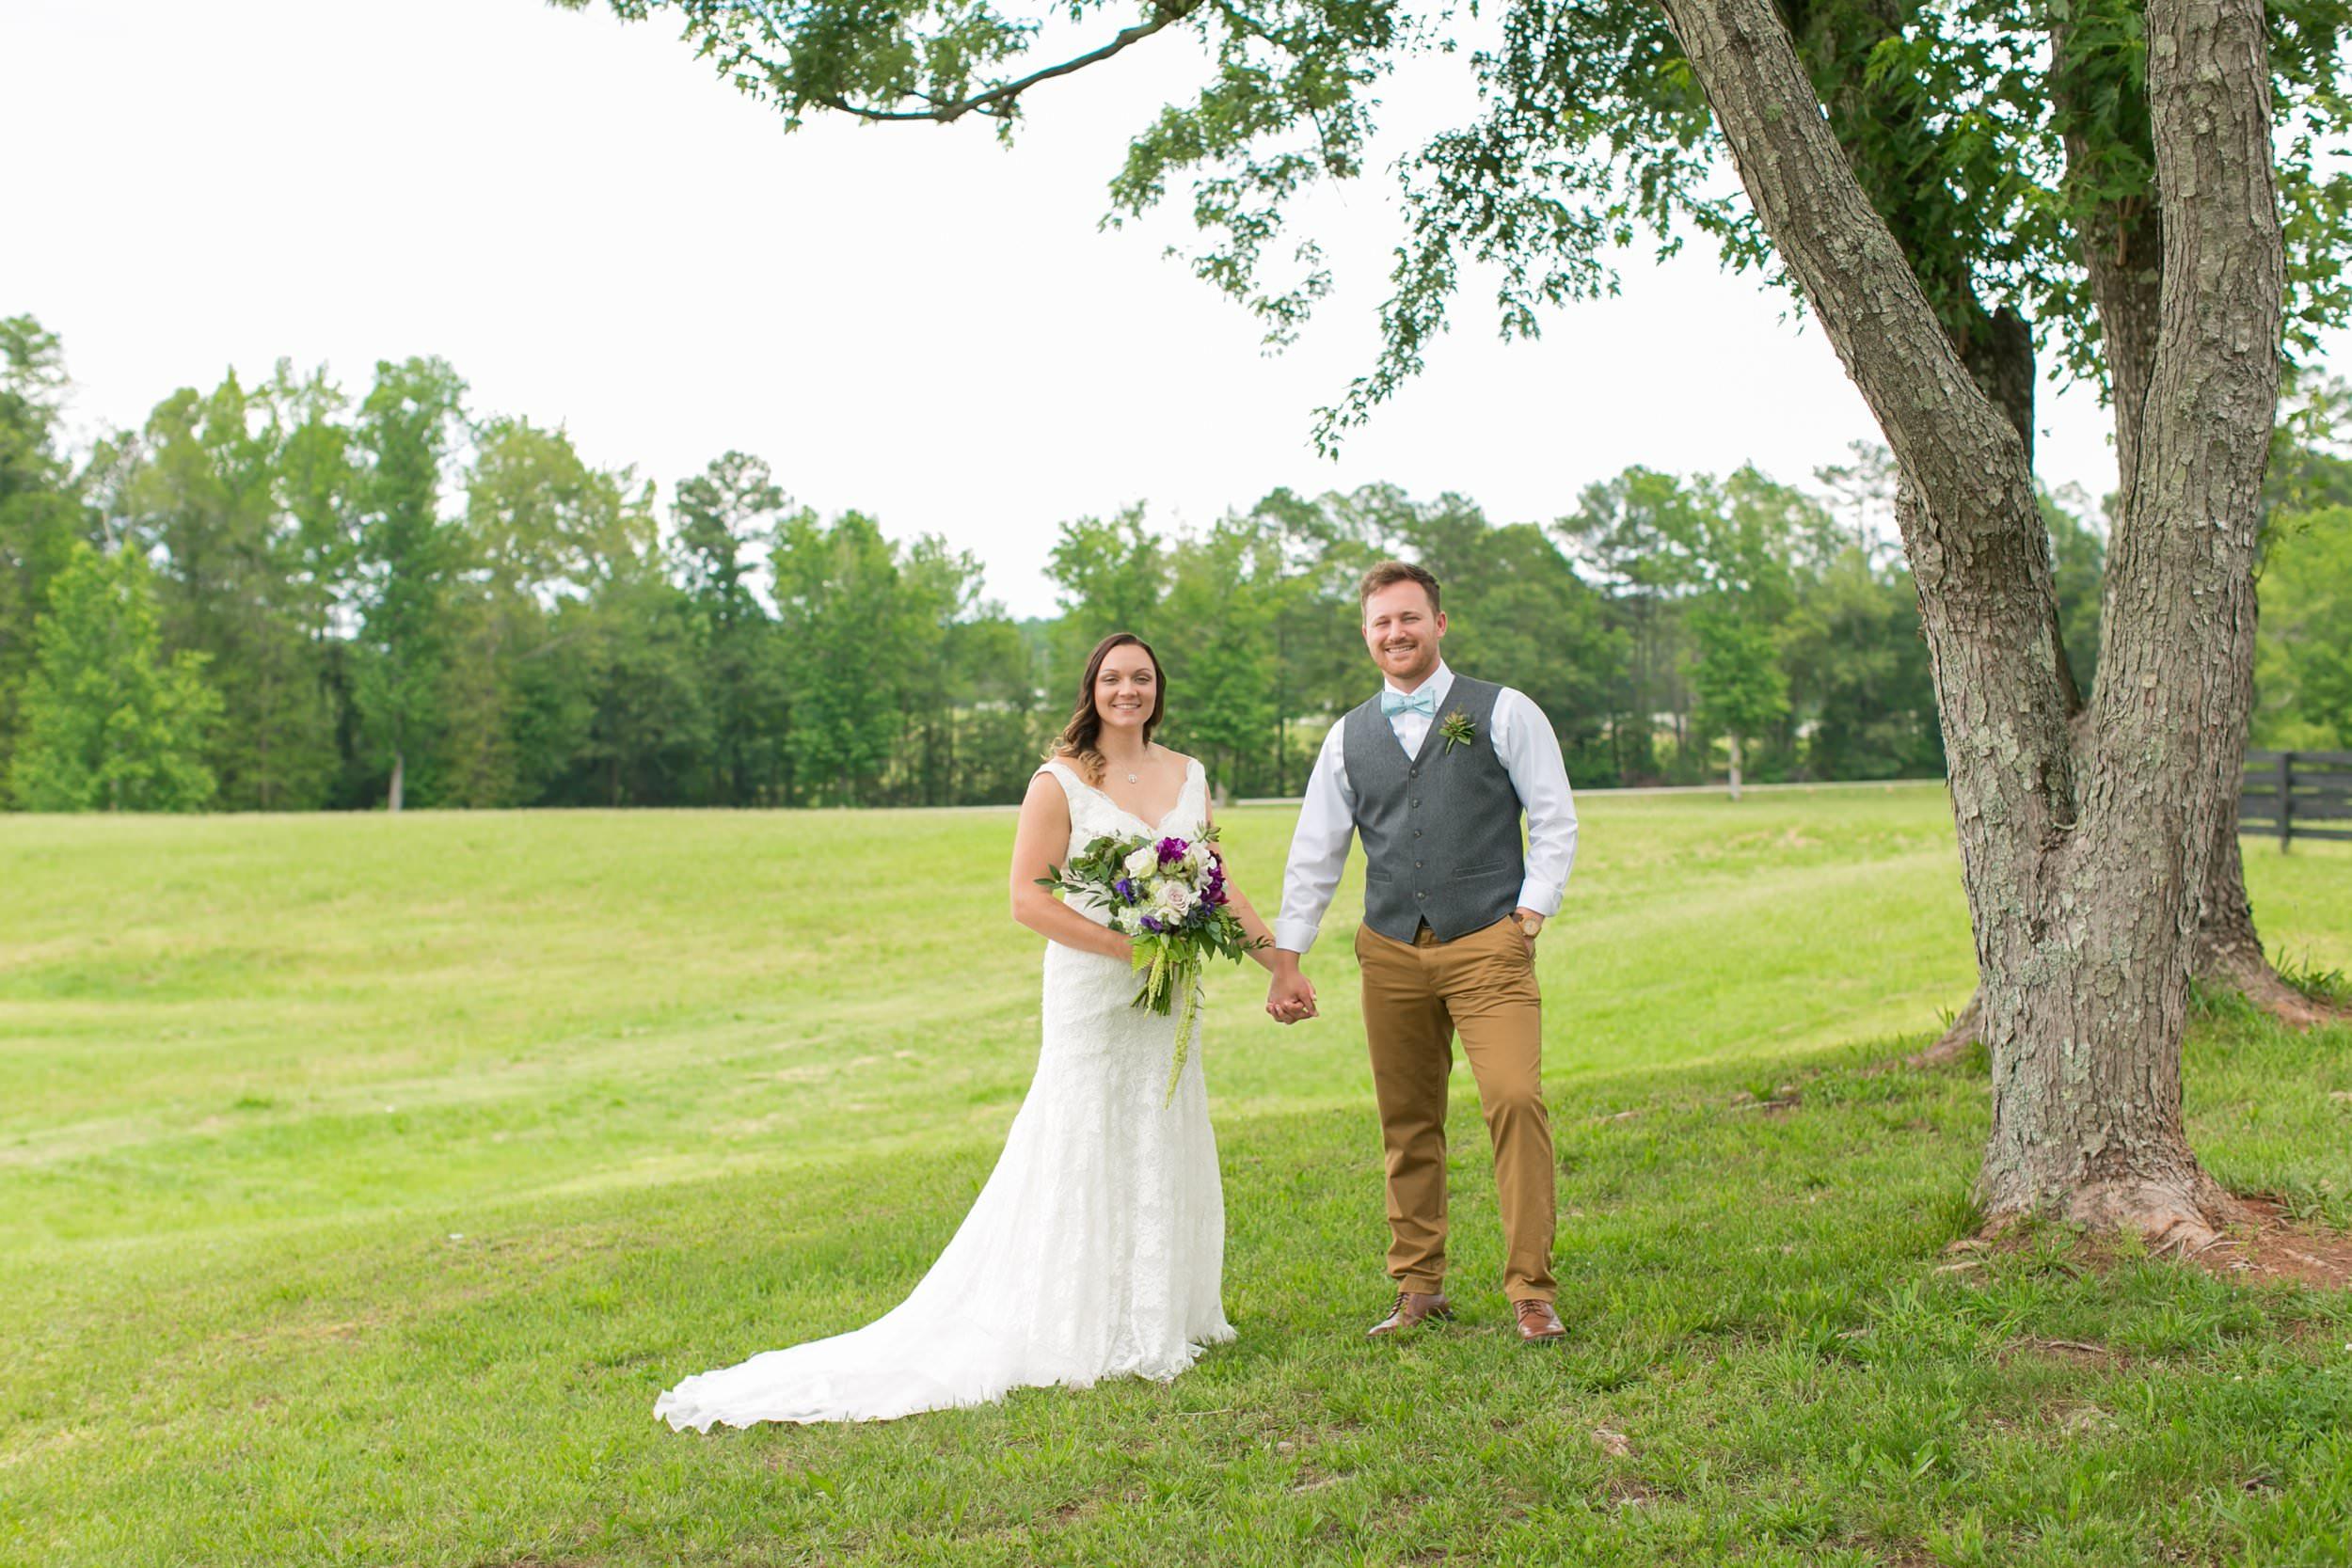 Abby-Manor-Events-Wedding-Photos23.jpg